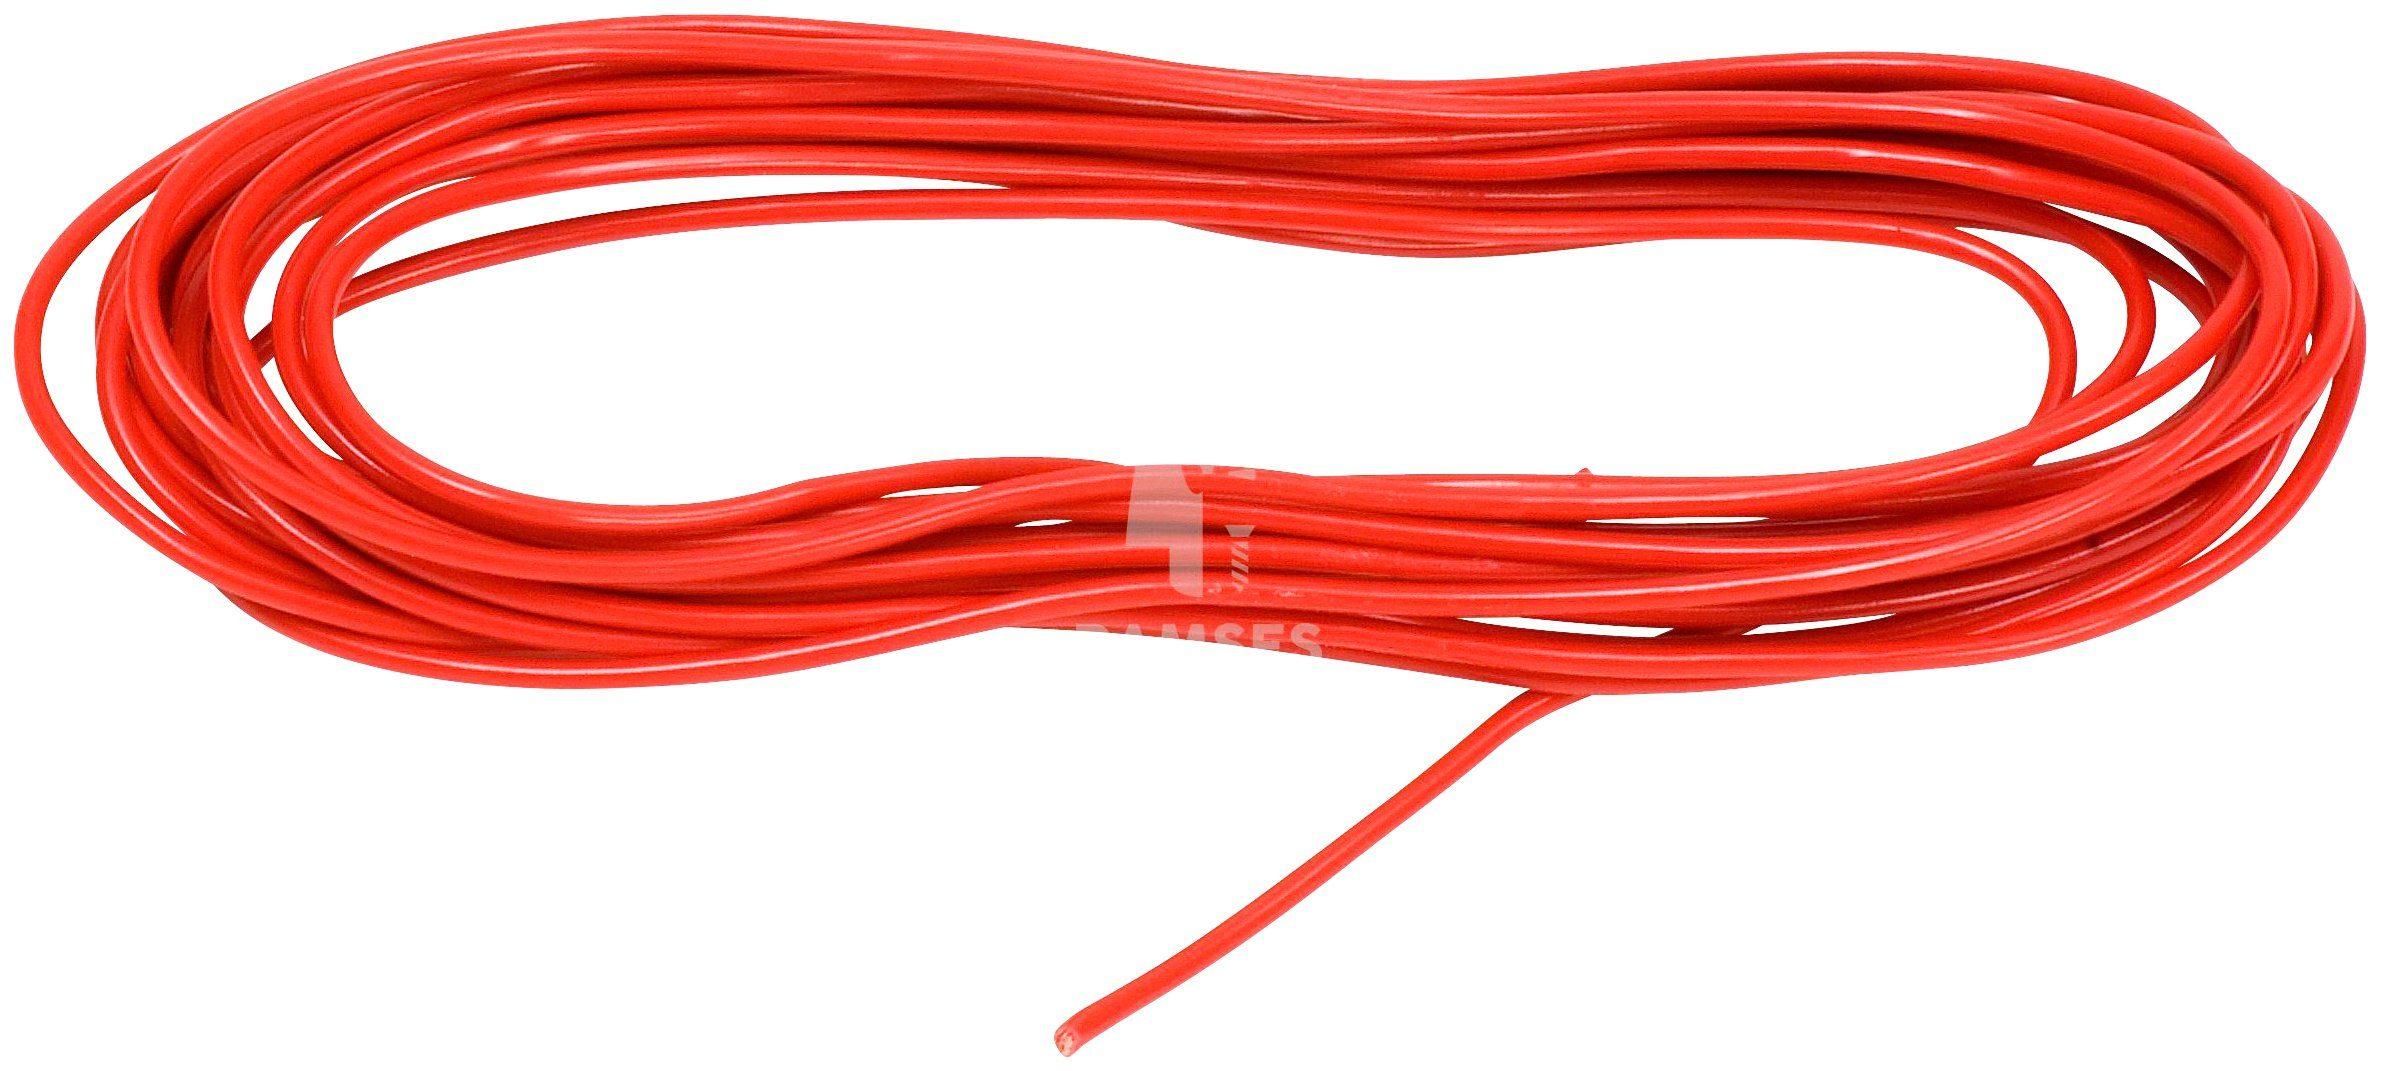 RAMSES Fahrzeugleitung , Rot 1,5 mm² 100 Meter